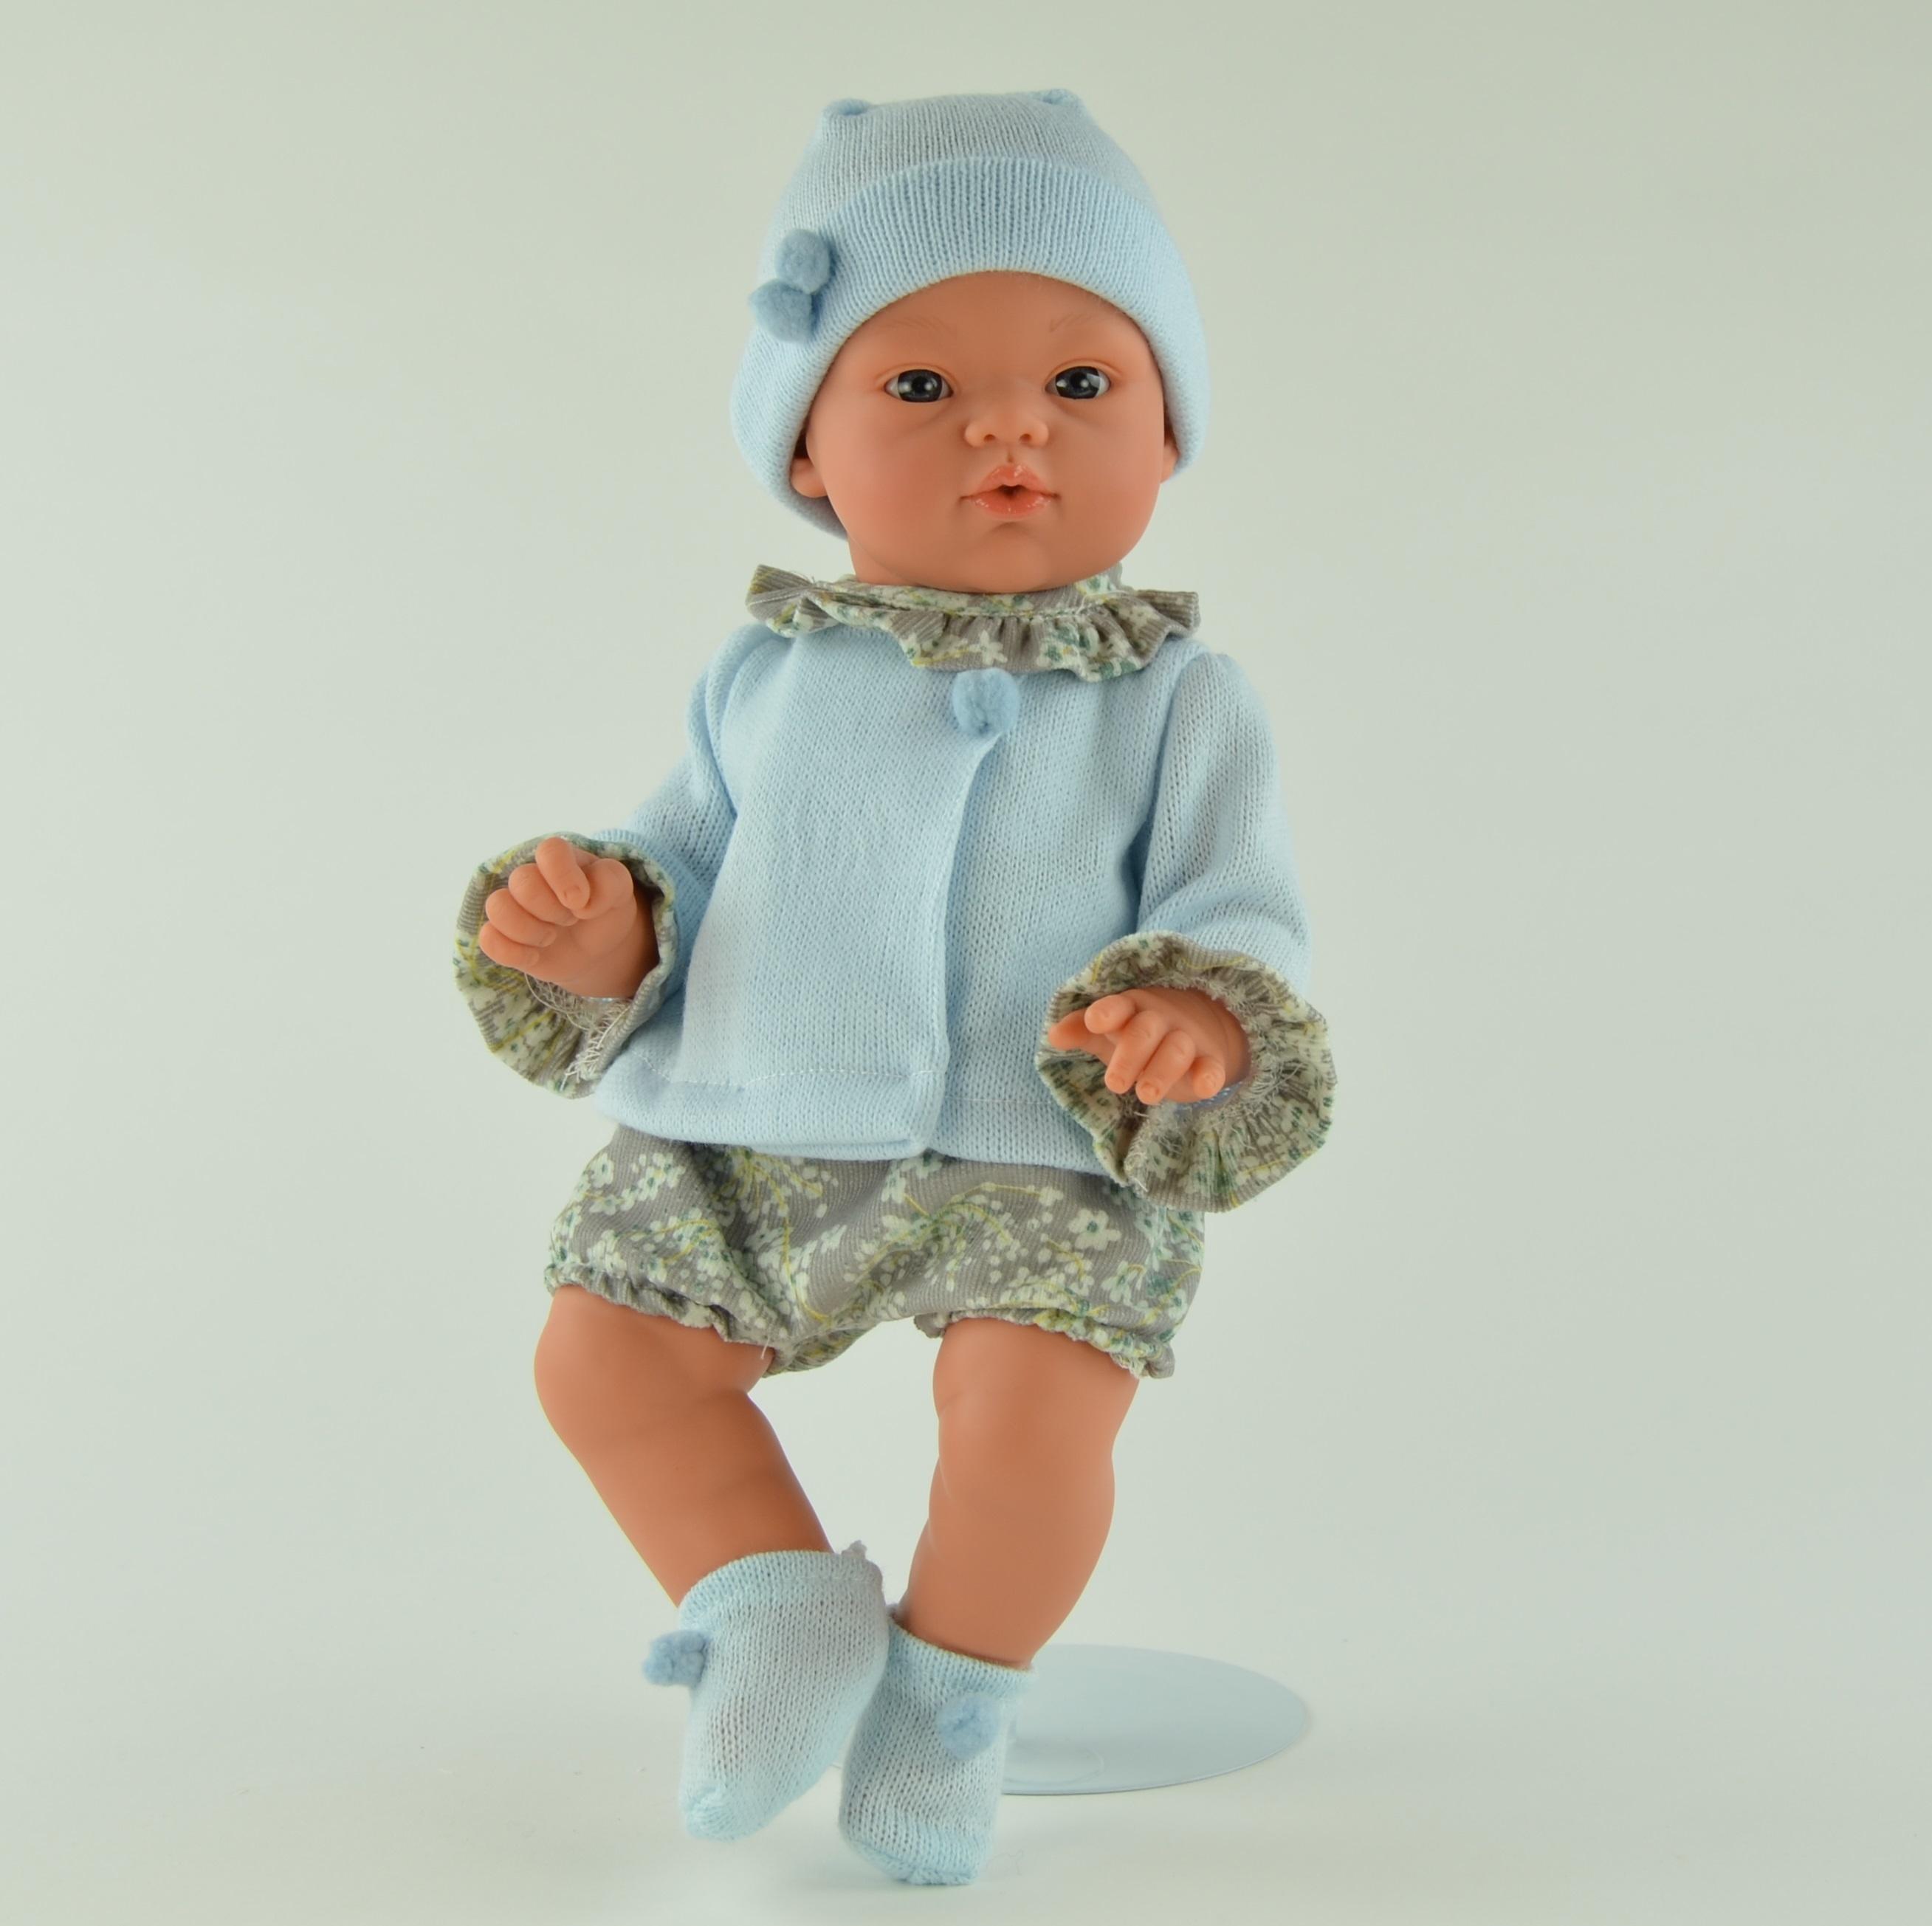 Кукла Коки в голубом костюмчике, 36 см.Куклы ASI (Испания)<br>Кукла Коки в голубом костюмчике, 36 см.<br>